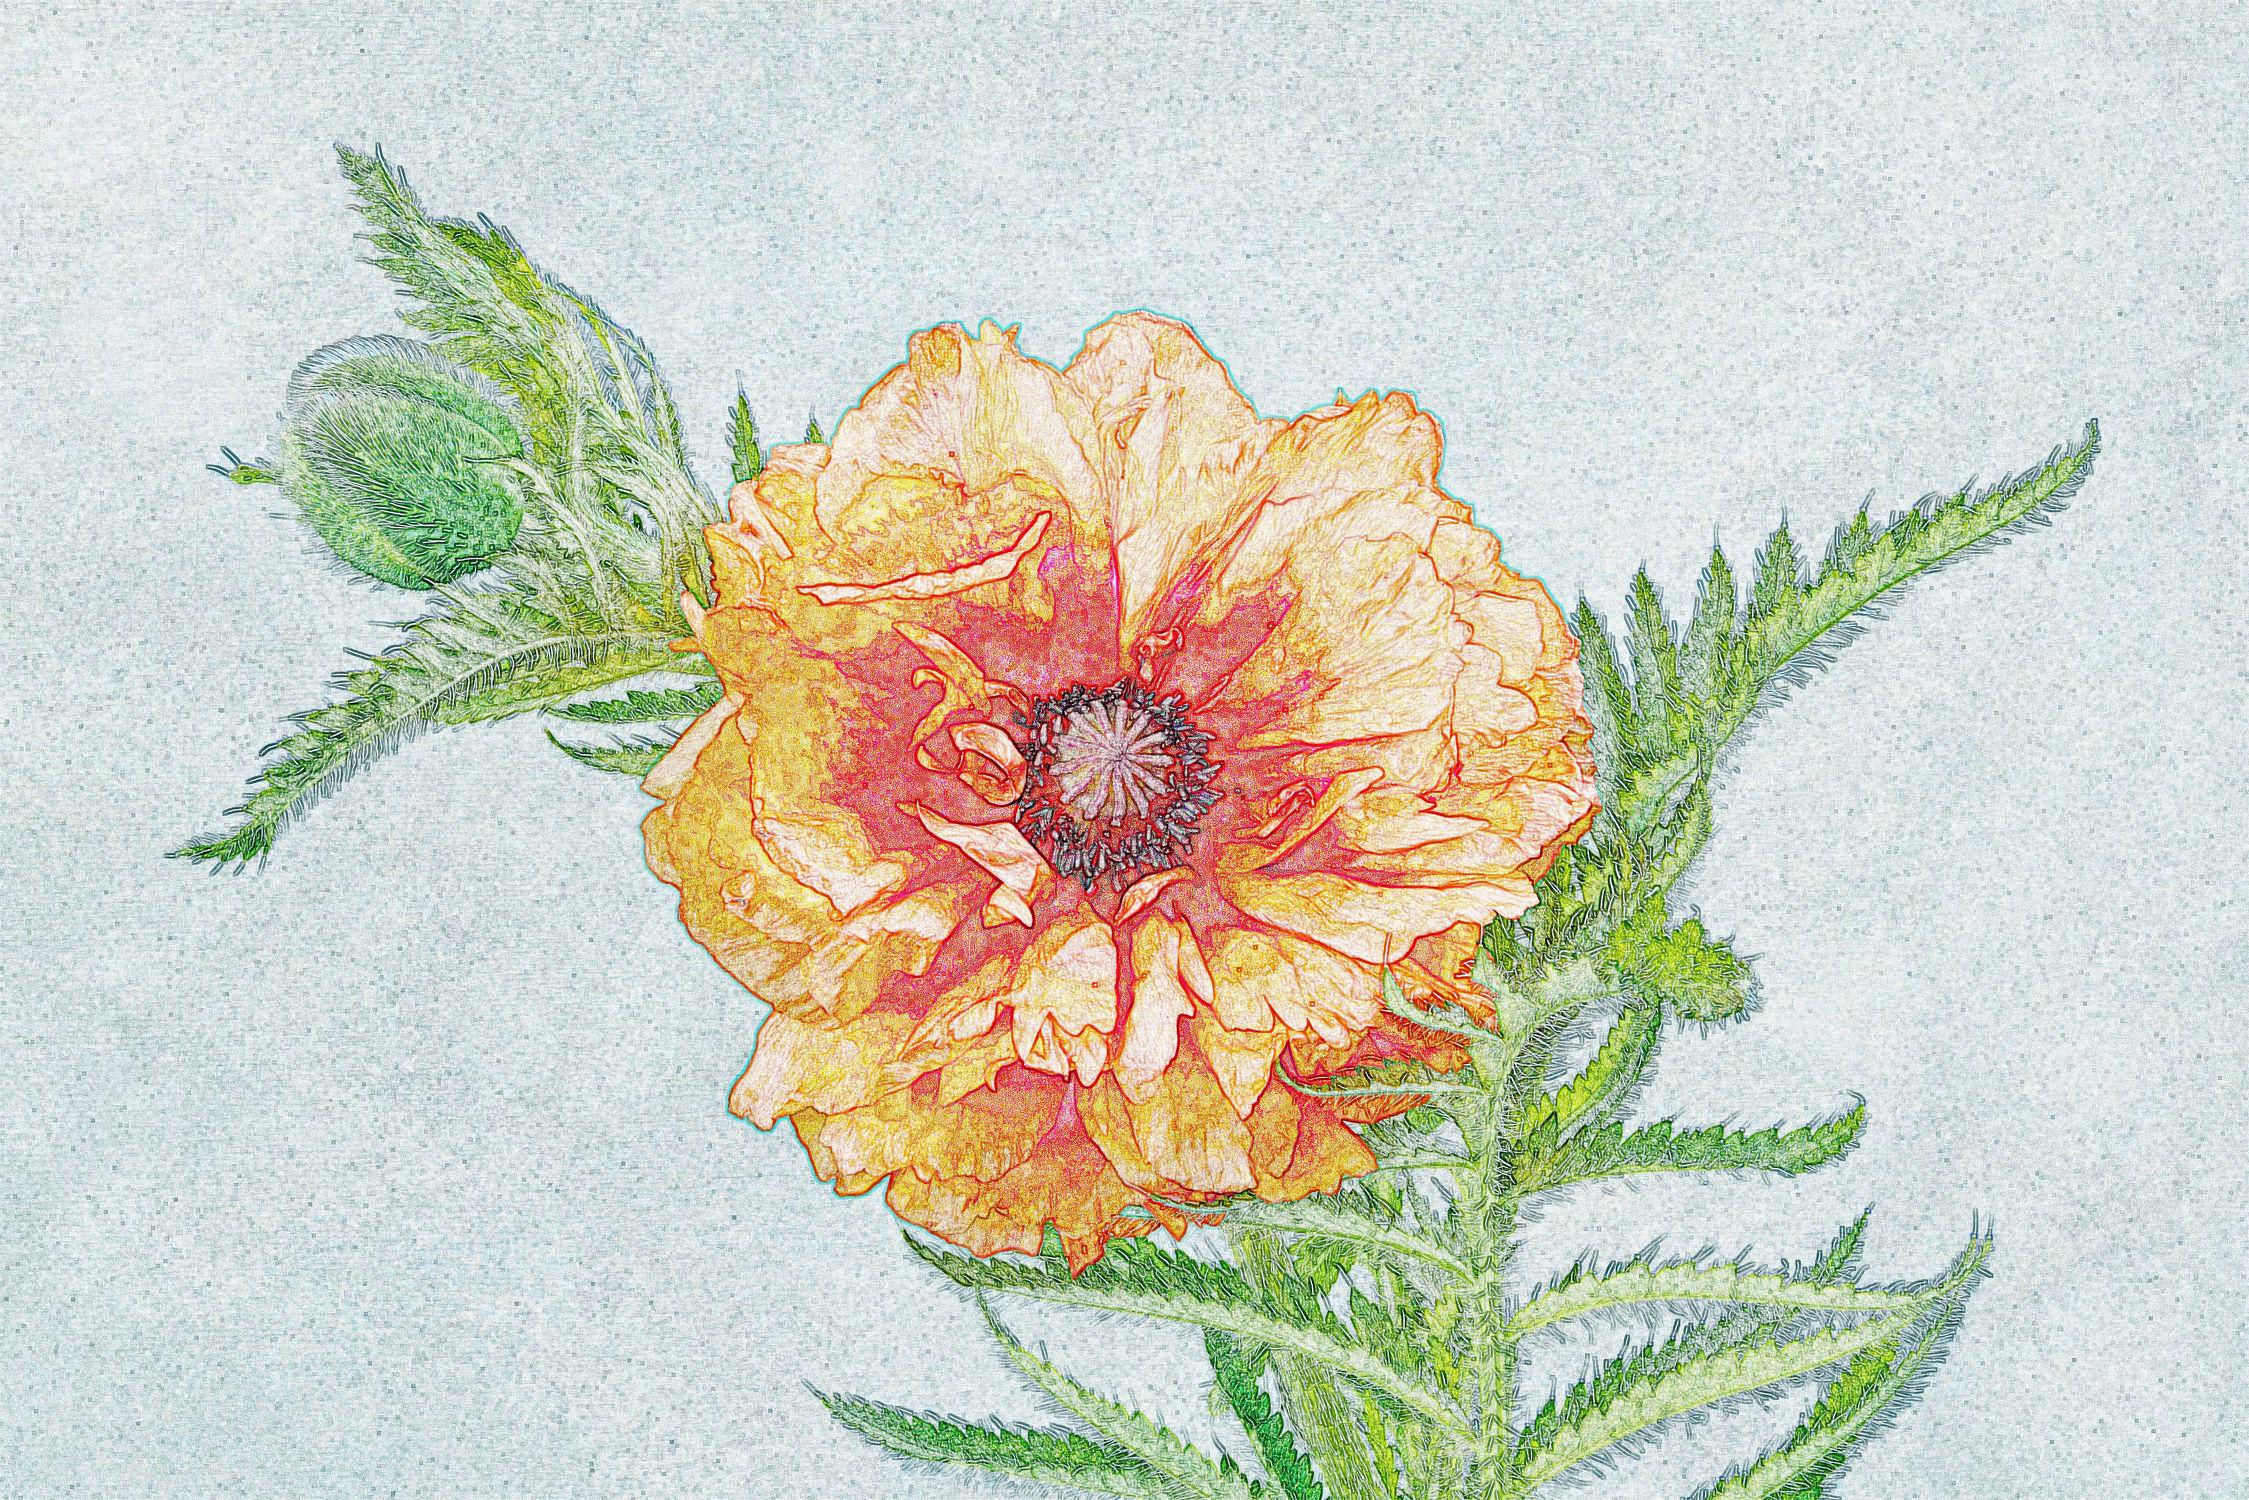 Bild mit Pflanzen, Pflanze, Mohnblüte, Floral, Stilleben, Blüten, Florales, blüte, Grafik, zart, dekorativ, Dekoration, grafisch, weich, mohnblüten